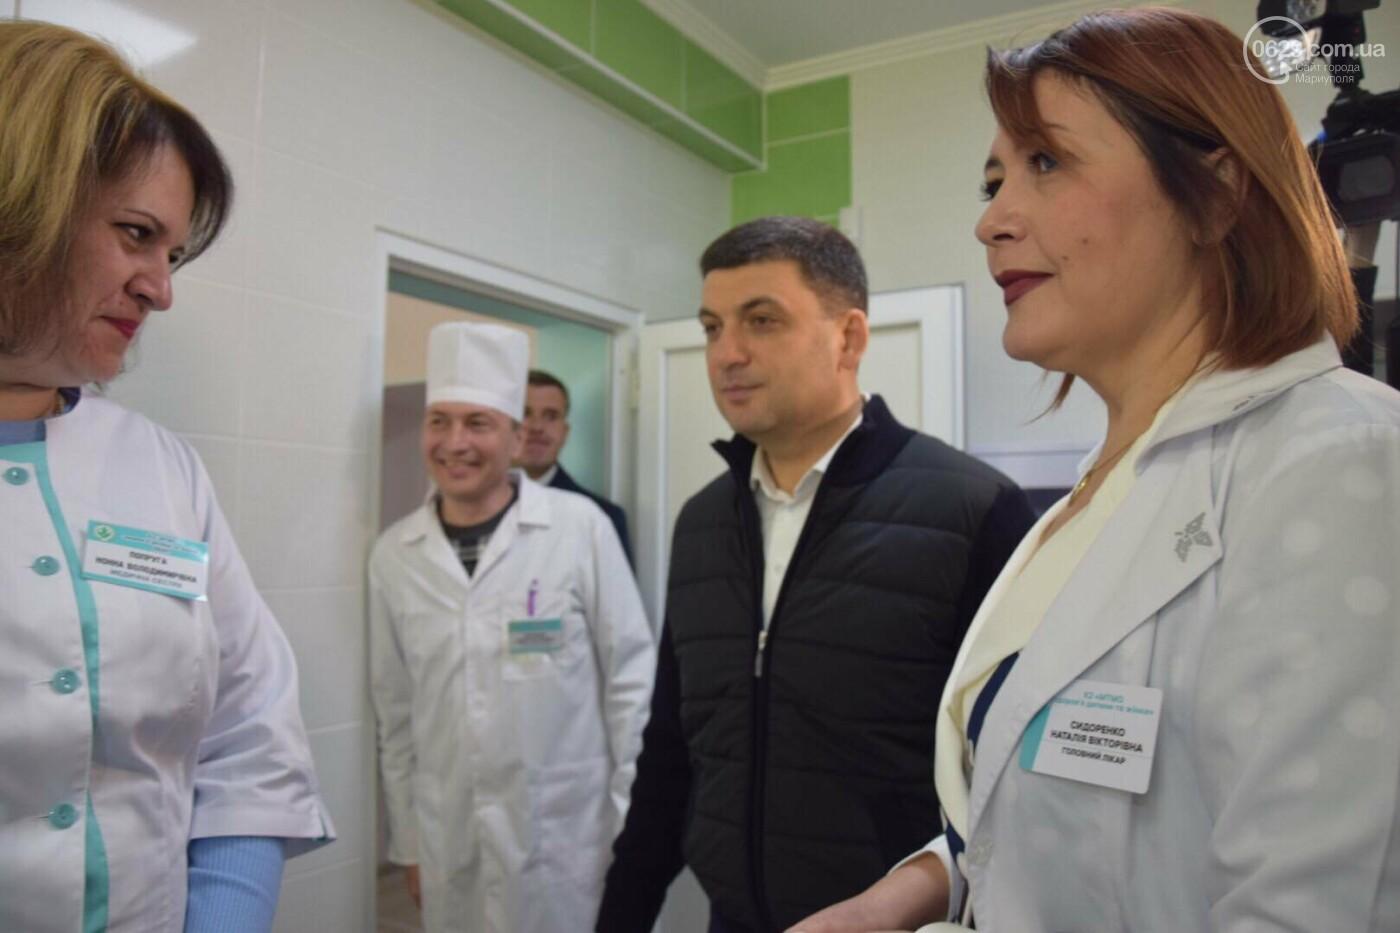 В Мариуполе Владимир Гройсман открыл детскую поликлинику и познакомился с Сережей, - ФОТОРЕПОРТАЖ, ВИДЕО, фото-51